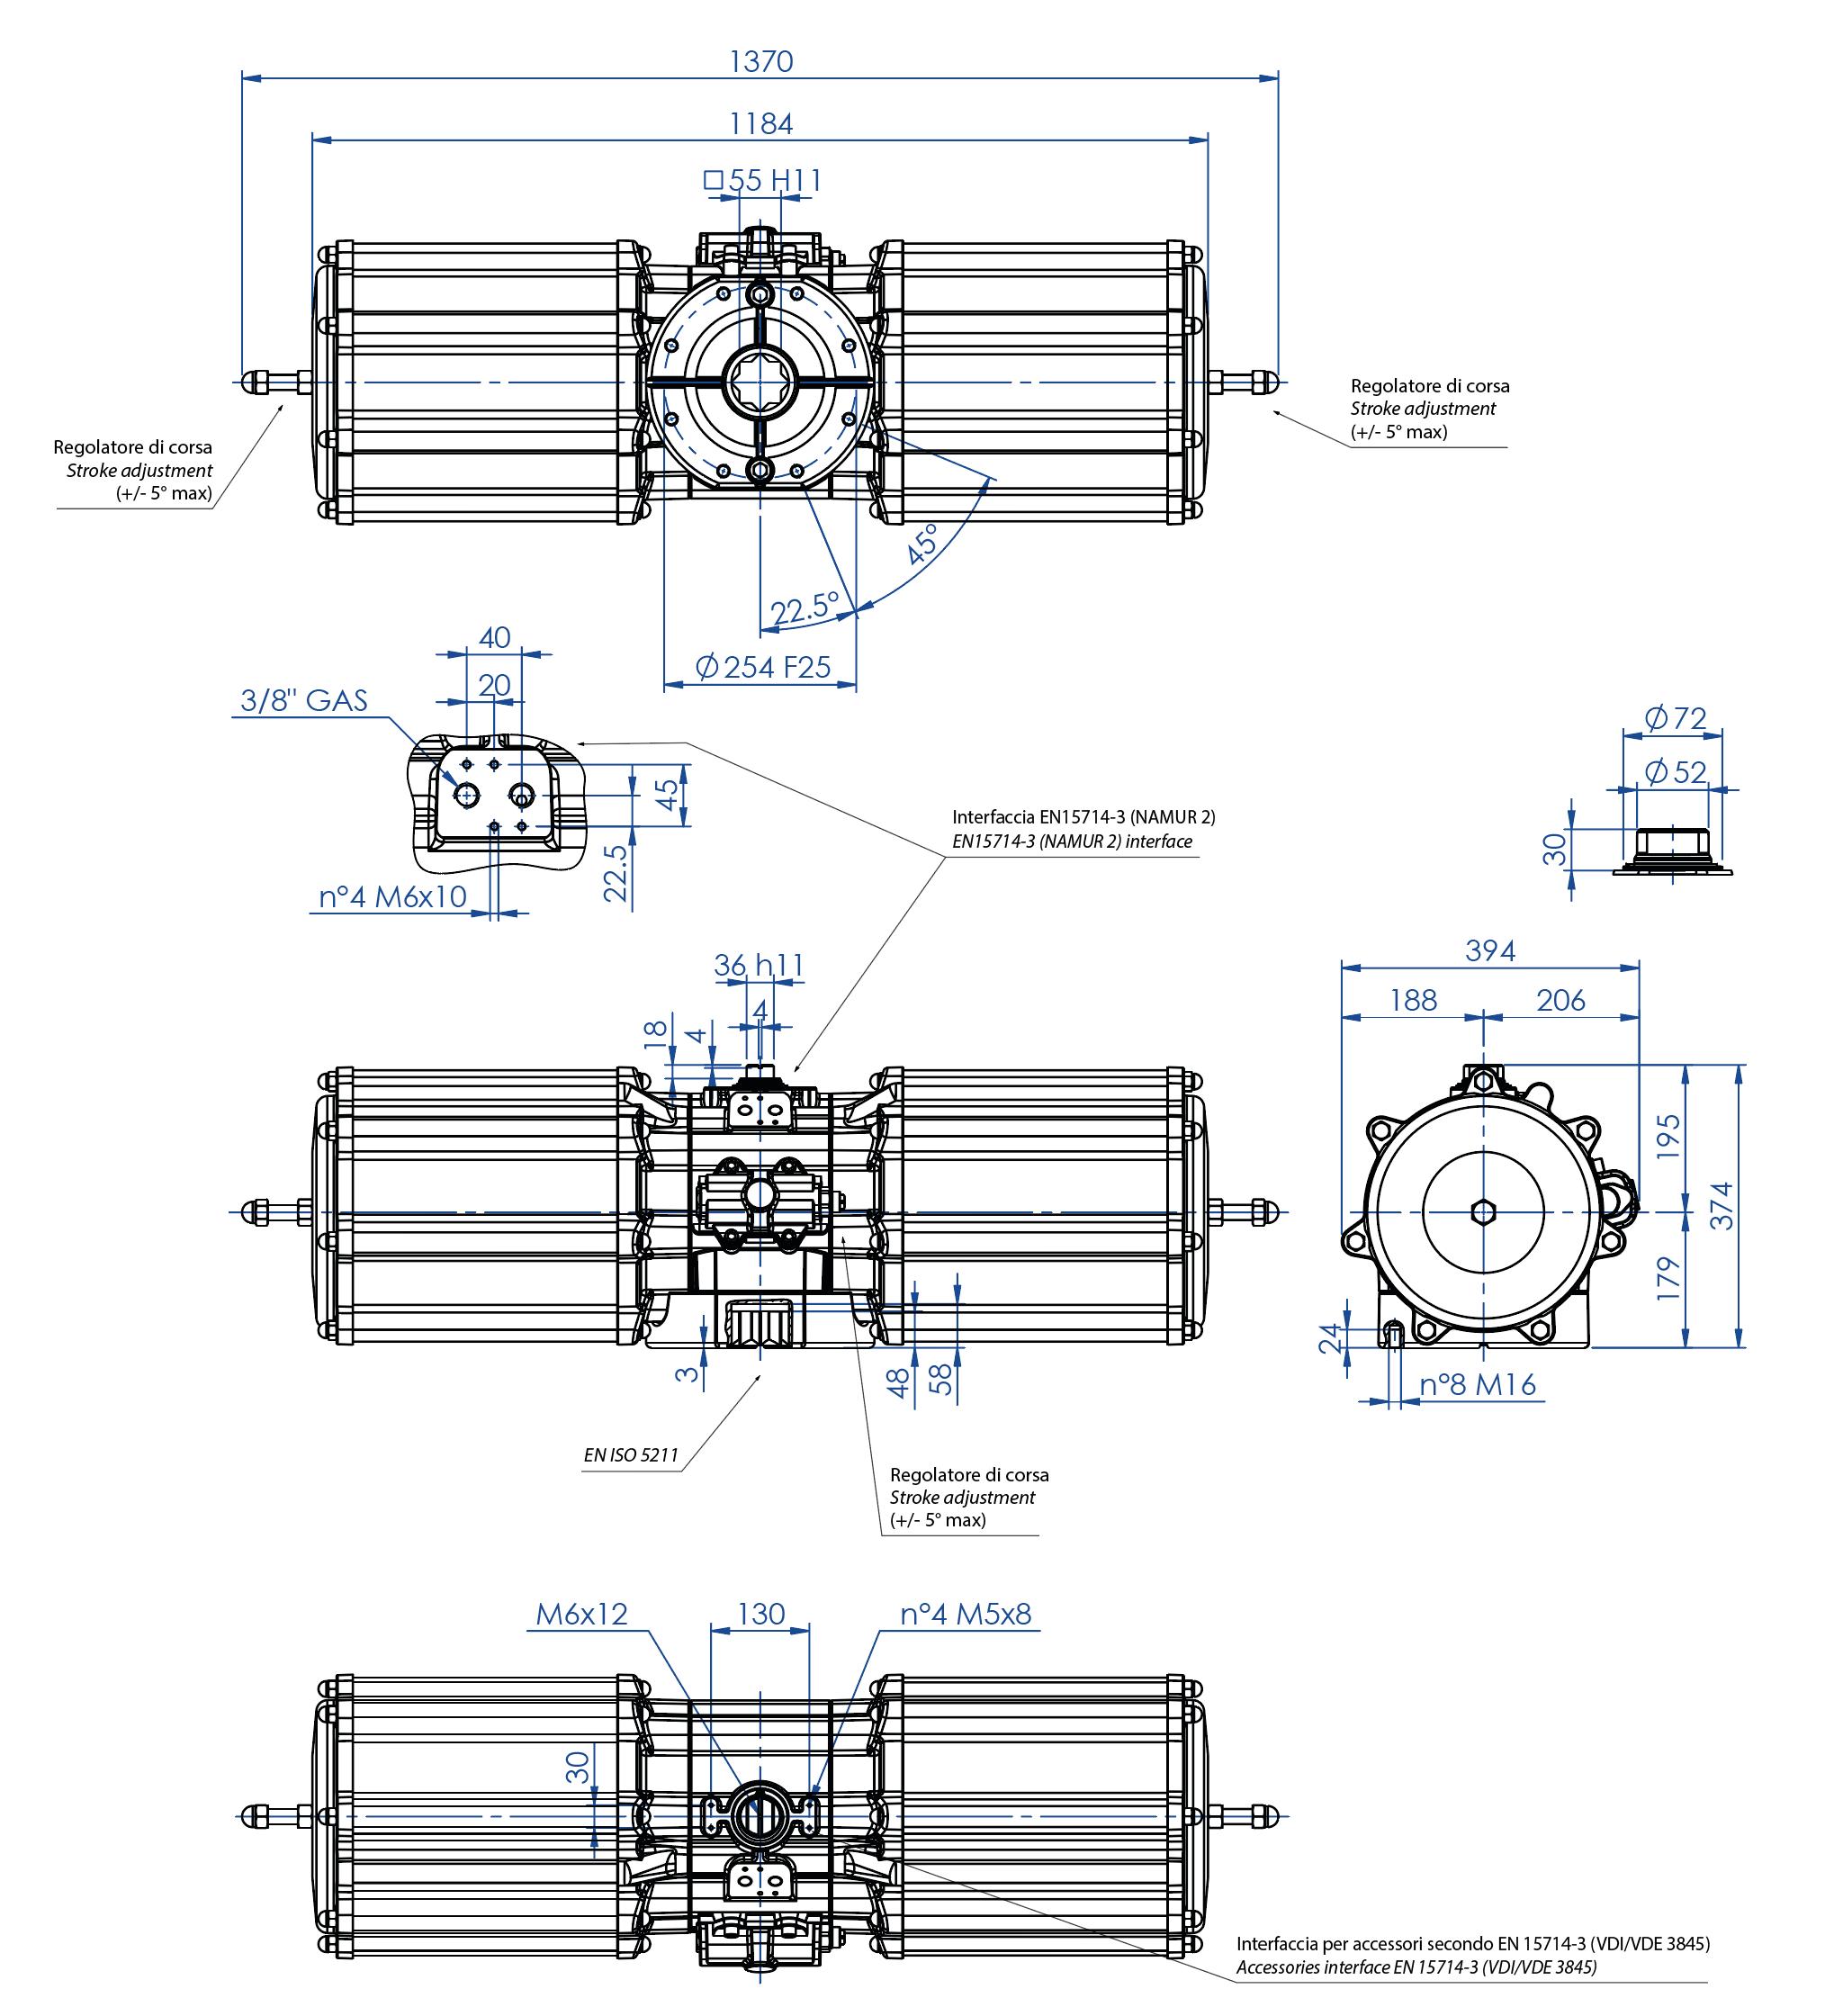 Attuatore pneumatico semplice effetto GS in alluminio - dimensioni - Attuatore pneumatico semplice effetto misura GS4000 (Nm)